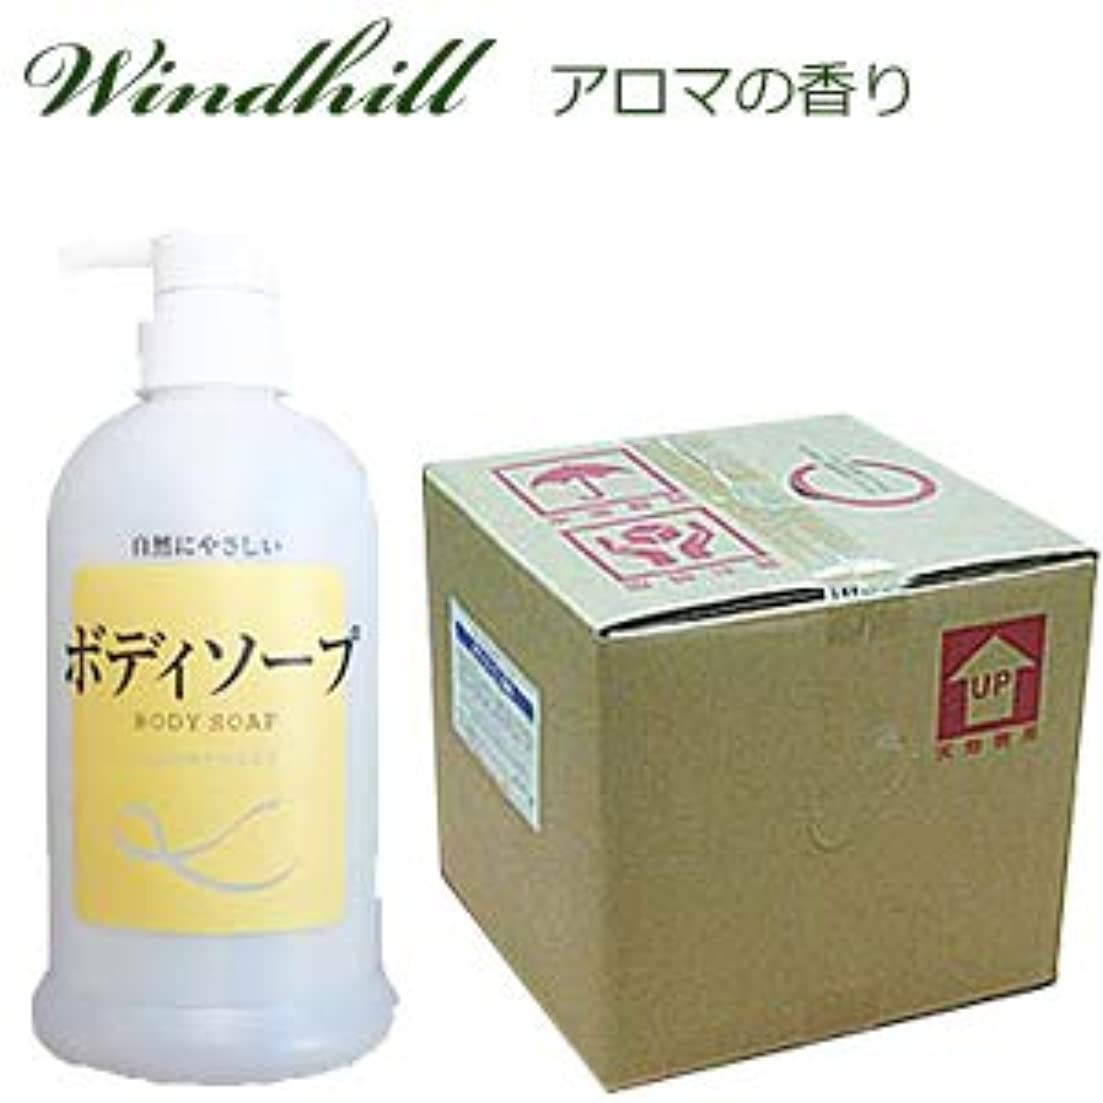 視力アルファベット順発信なんと! 500ml当り188円 Windhill 植物性業務用 ボディソープ  紅茶を思うアロマの香り 20L